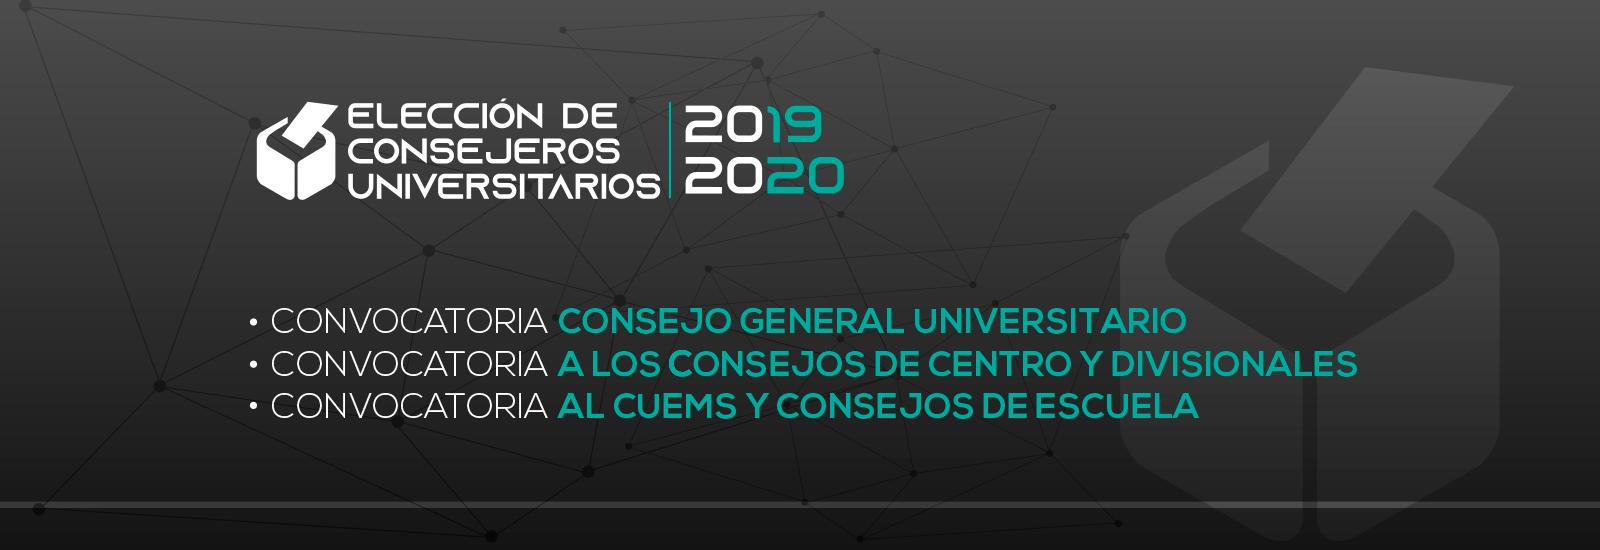 Elección de consejeros universitarios 2019 - 2020